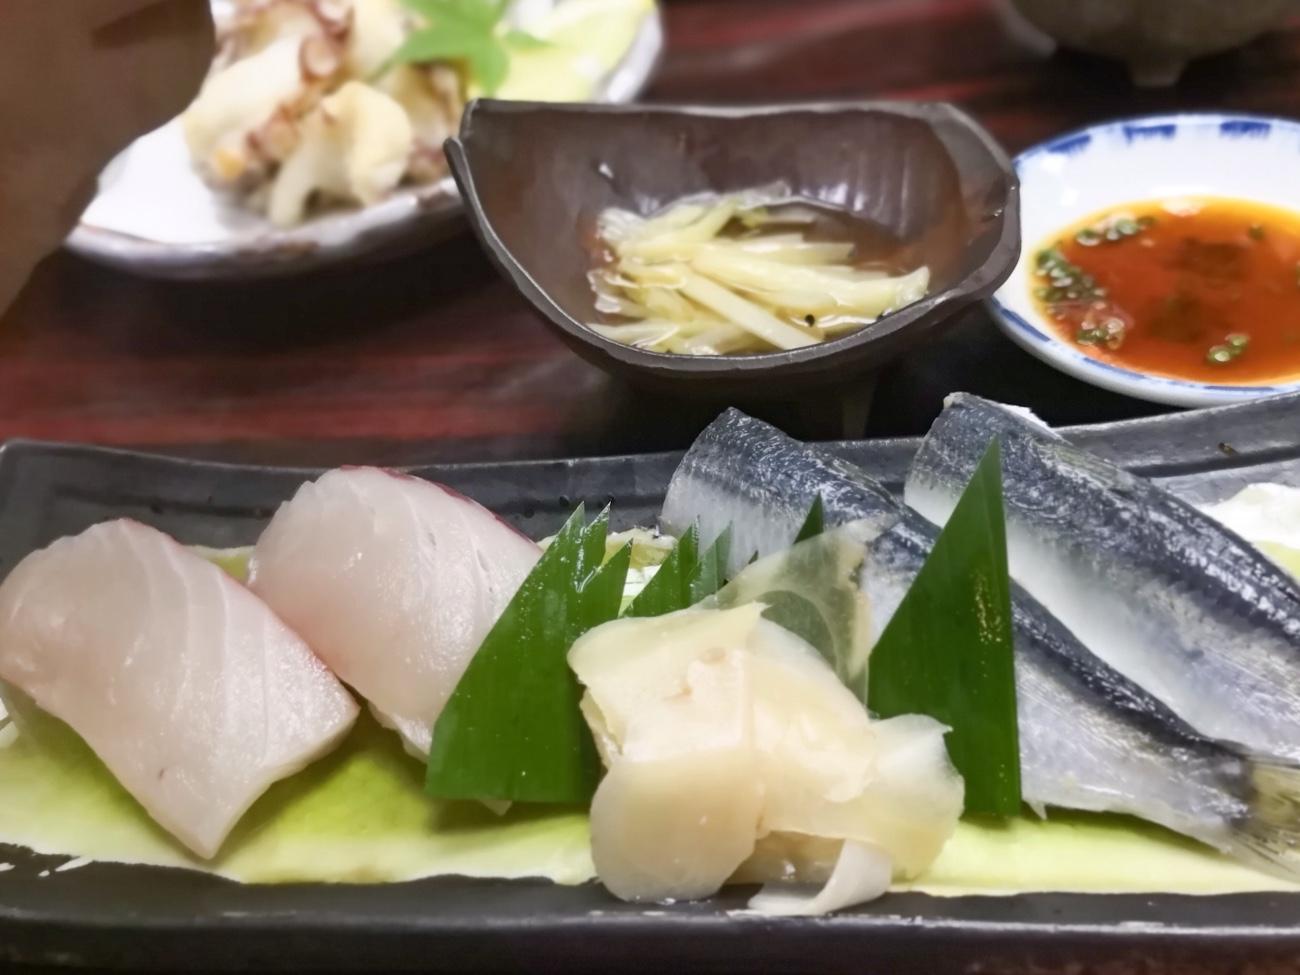 倉敷名物 ままかりとさわらの寿司